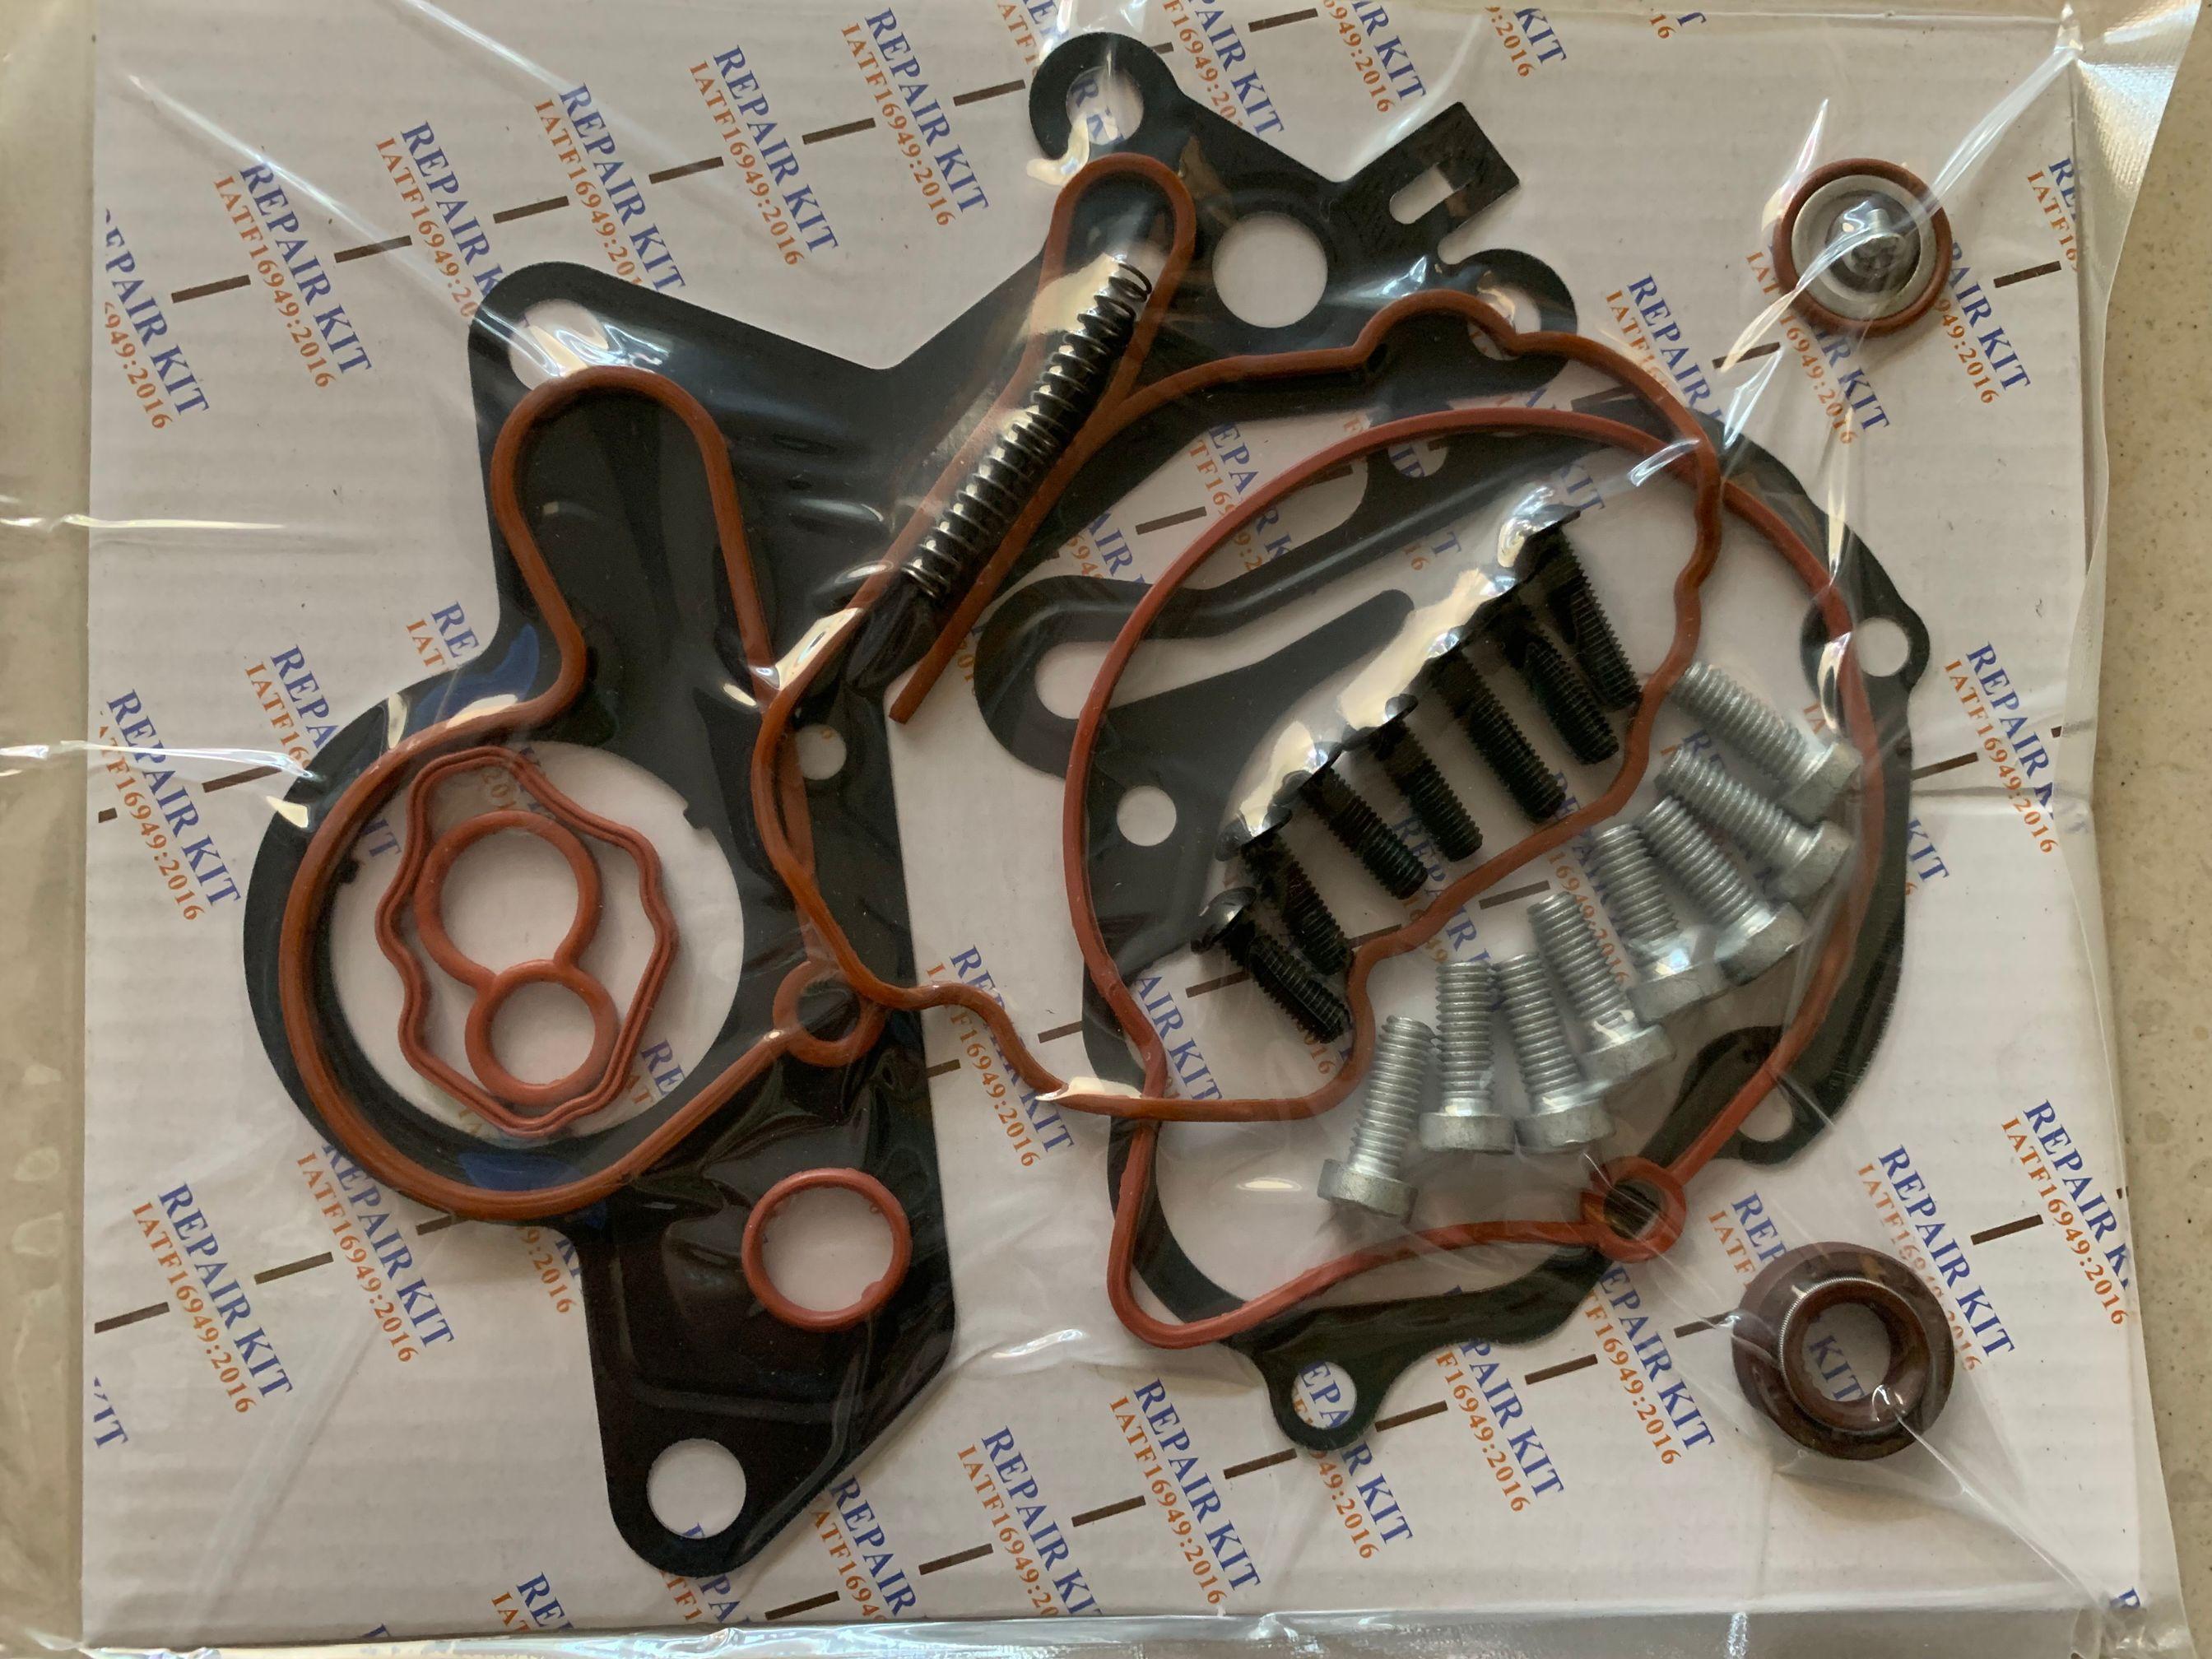 For VW AUDI SEAT 1.2TDI 1.4TDI 1.9TDI 2.0TDI 038145209 Vacuum Fuel Tandem Pump Repair Kit